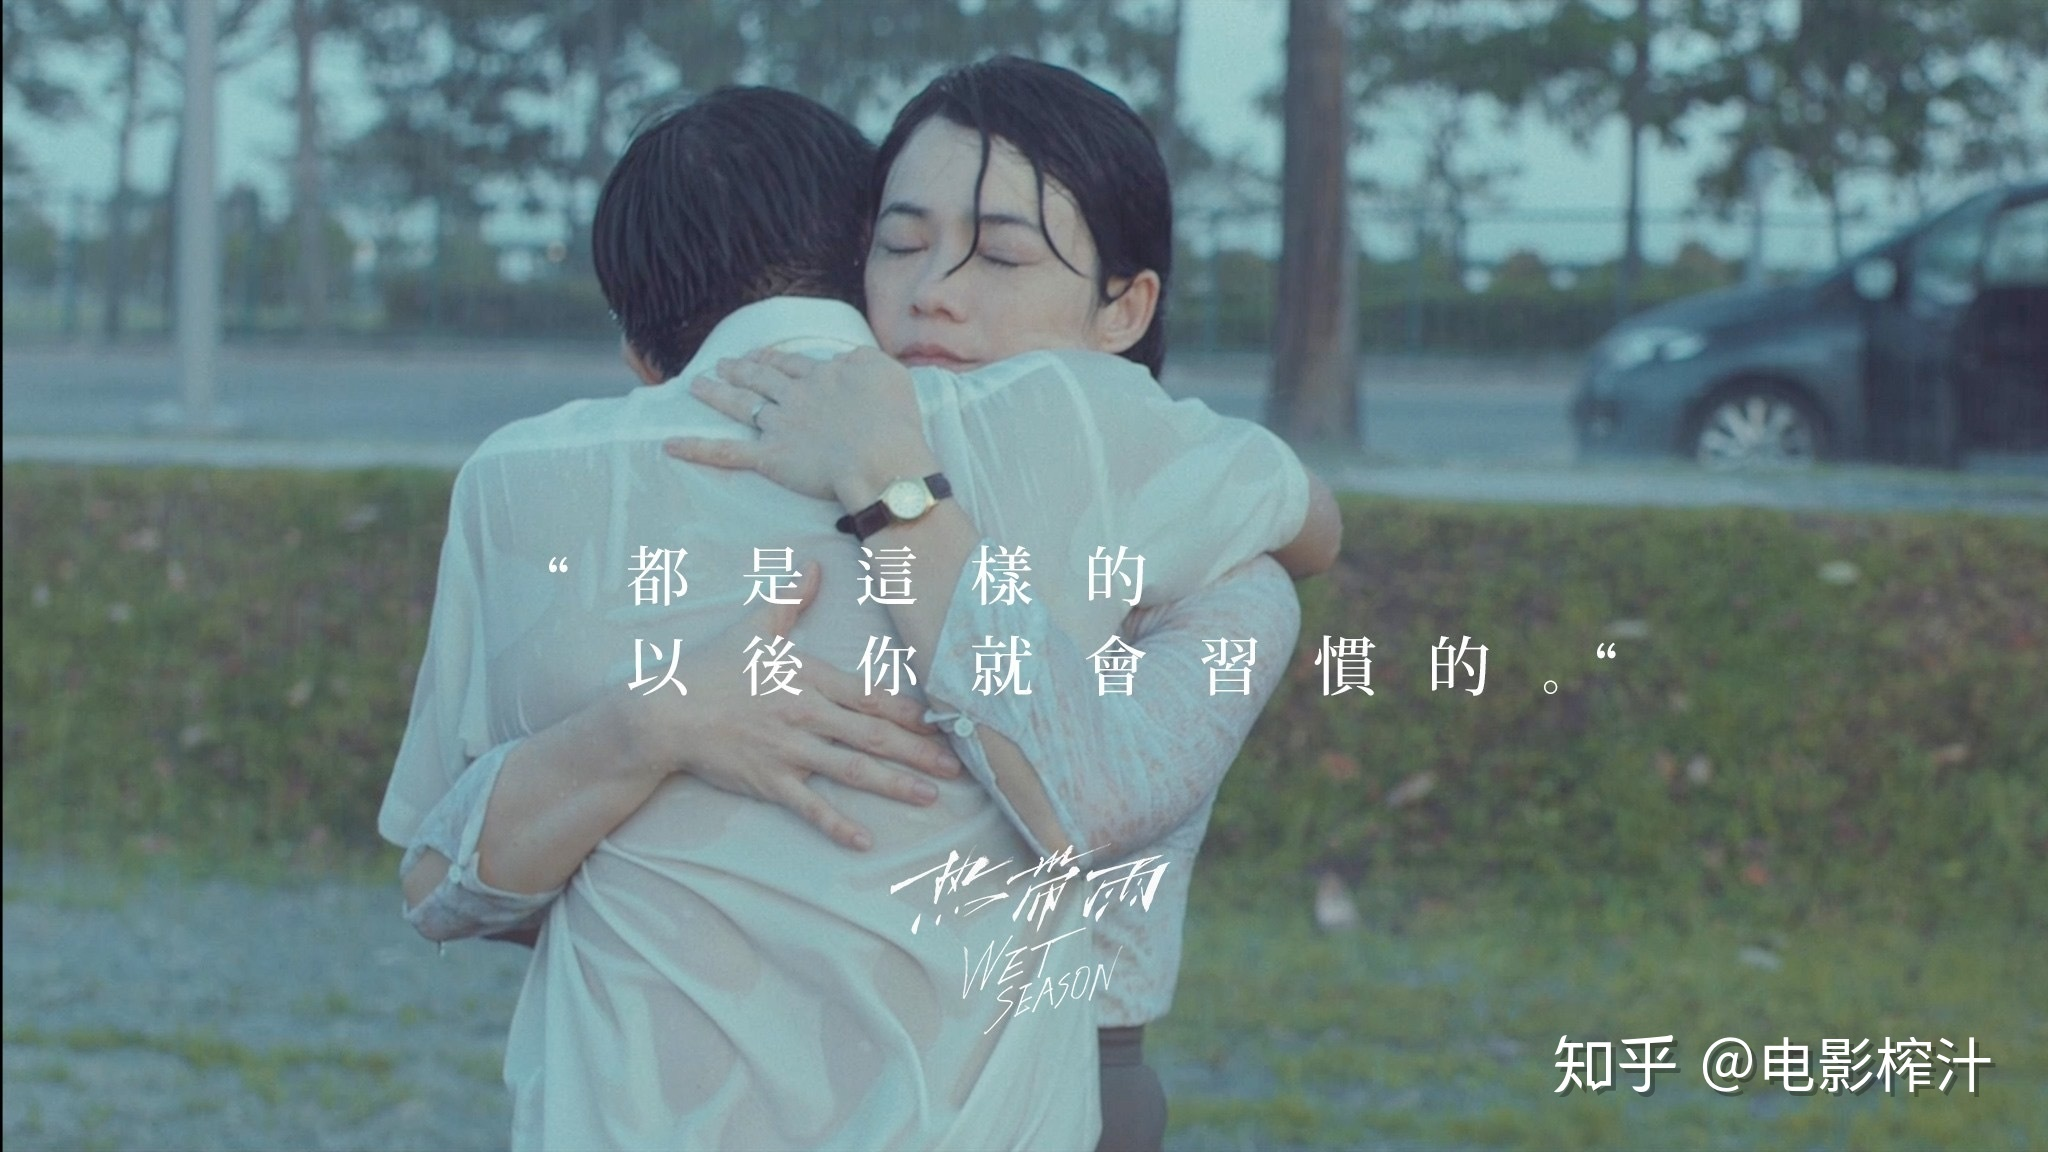 2019台湾金马奖_如何评价电影《热带雨》? - 知乎